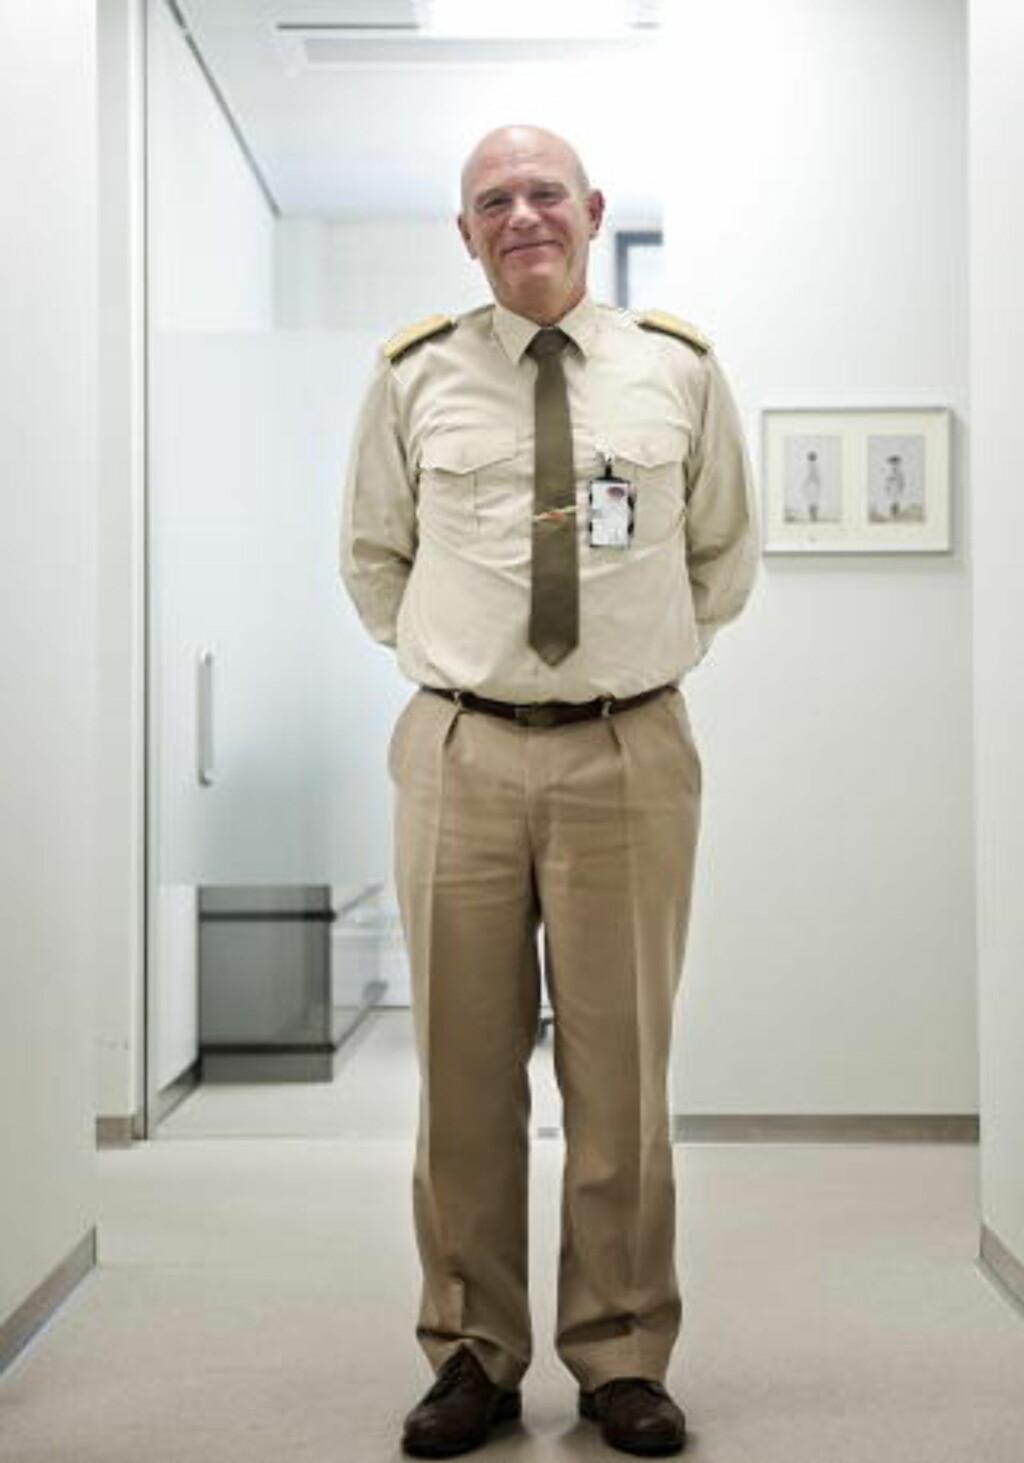 ANSVARLIG:  Brigader Jens Thorsen er ansvarlig for å bytte teppene på statsministerens kontor med indutriparkett. Her i en annen etasje enn SMK.  FOTO: BENJAMIN A. WARD / DAGBLADET